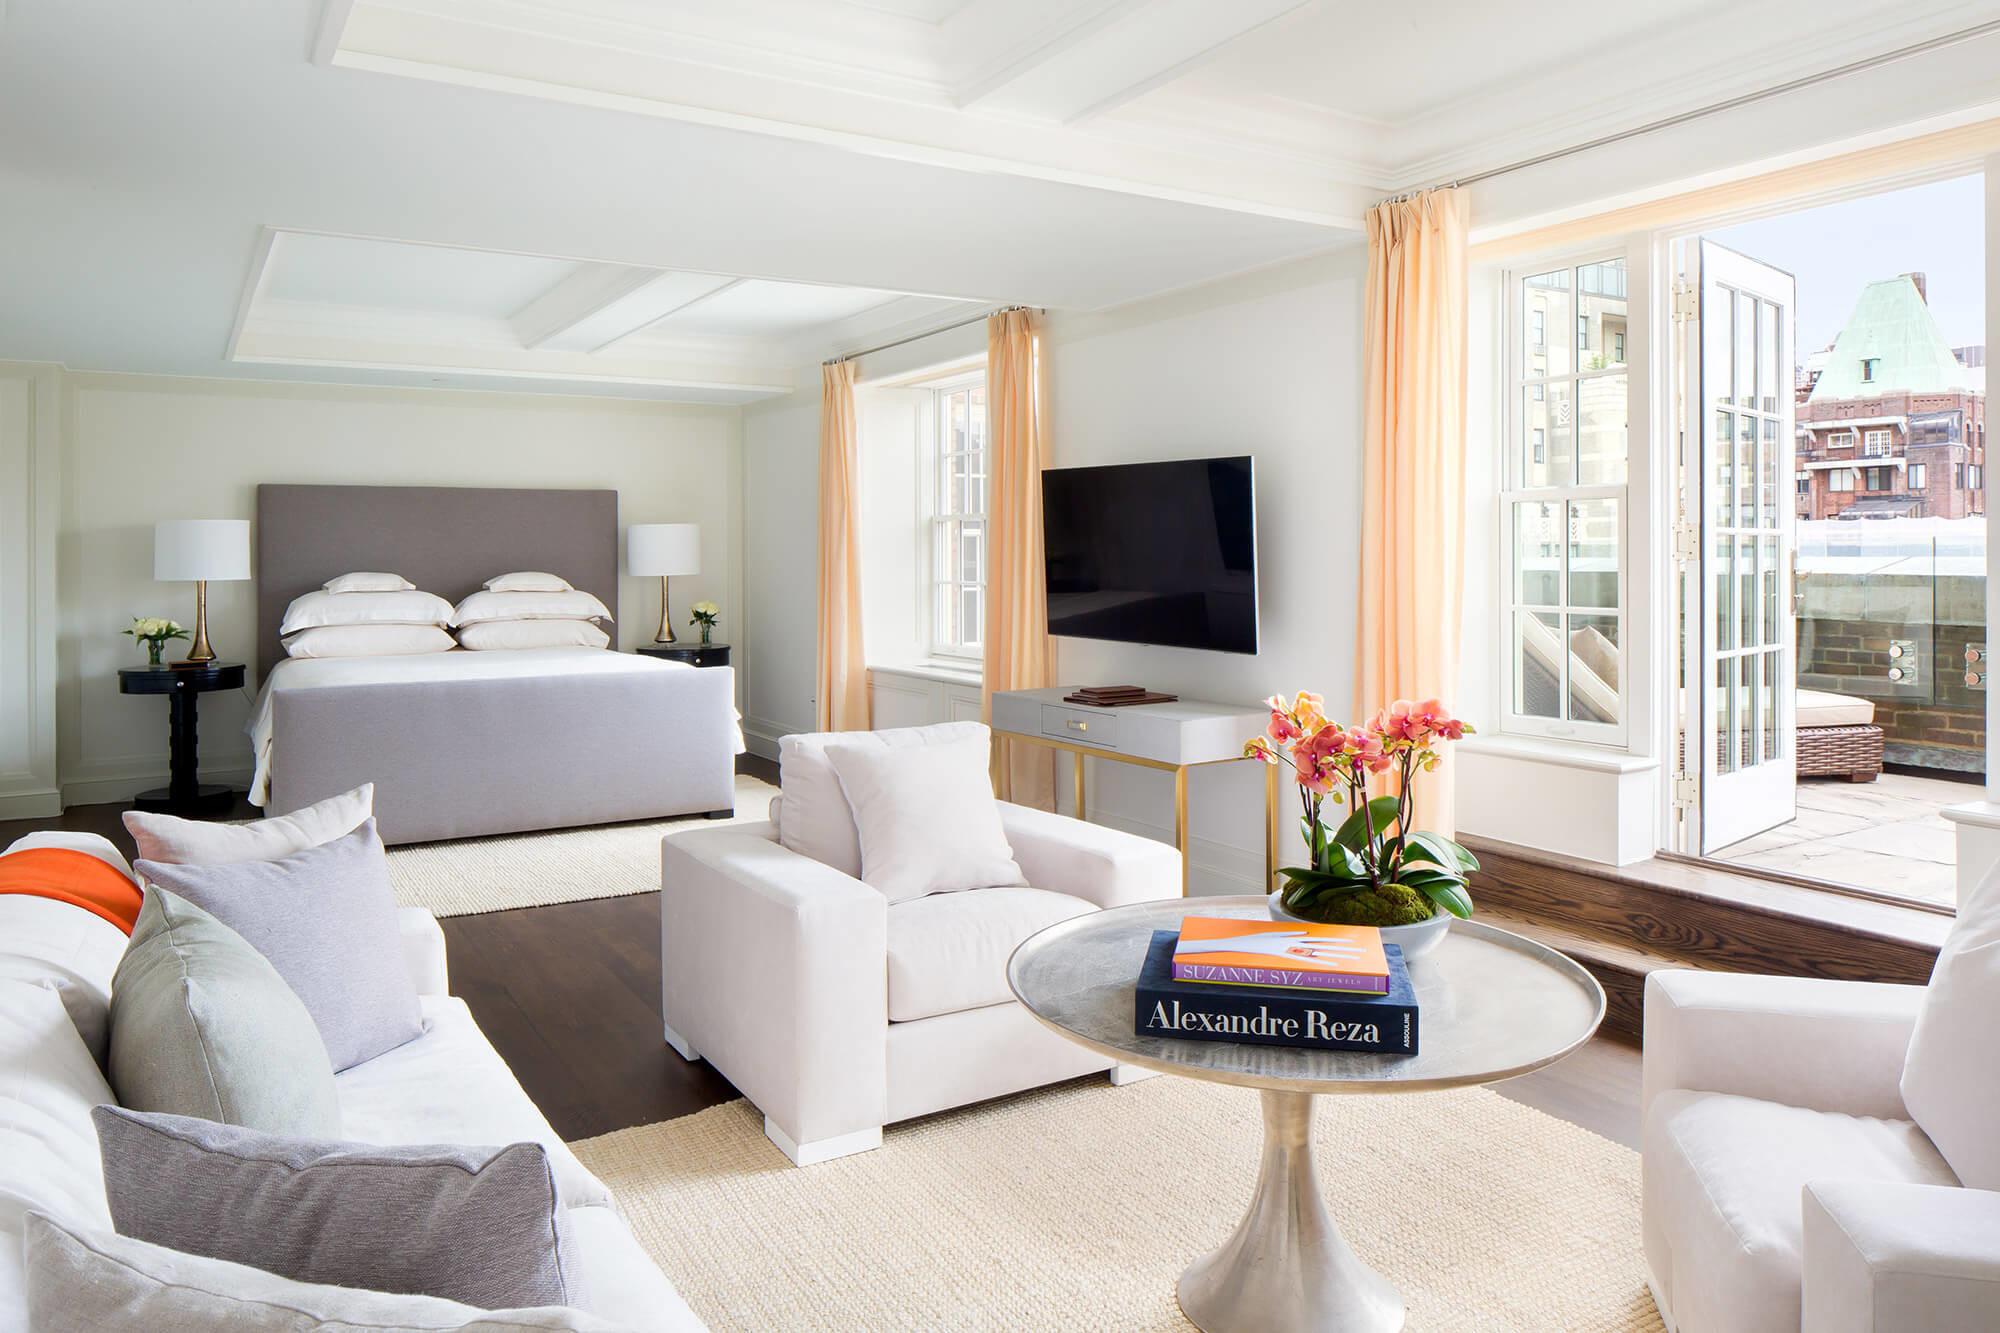 New York 2 Bedroom Suites 2 Bedroom Hotel Suites Nyc Bedroom Ideas